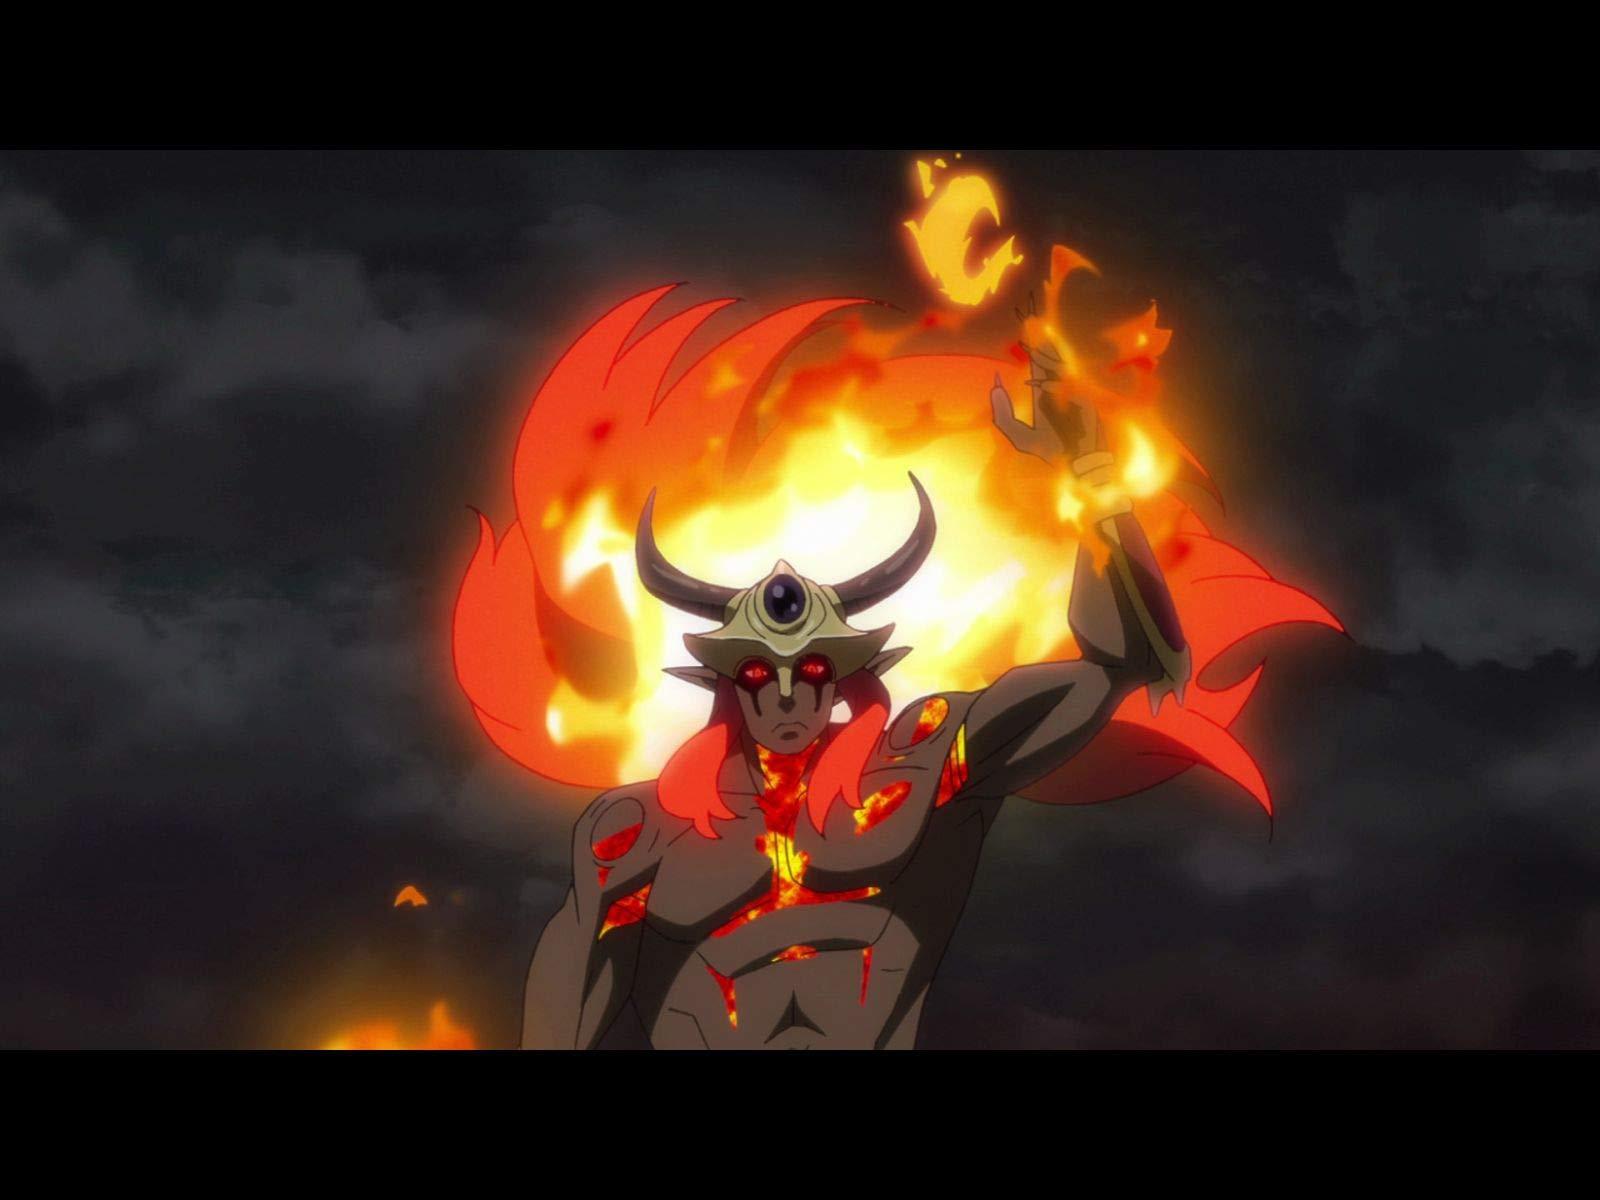 第7話 爆炎の支配者